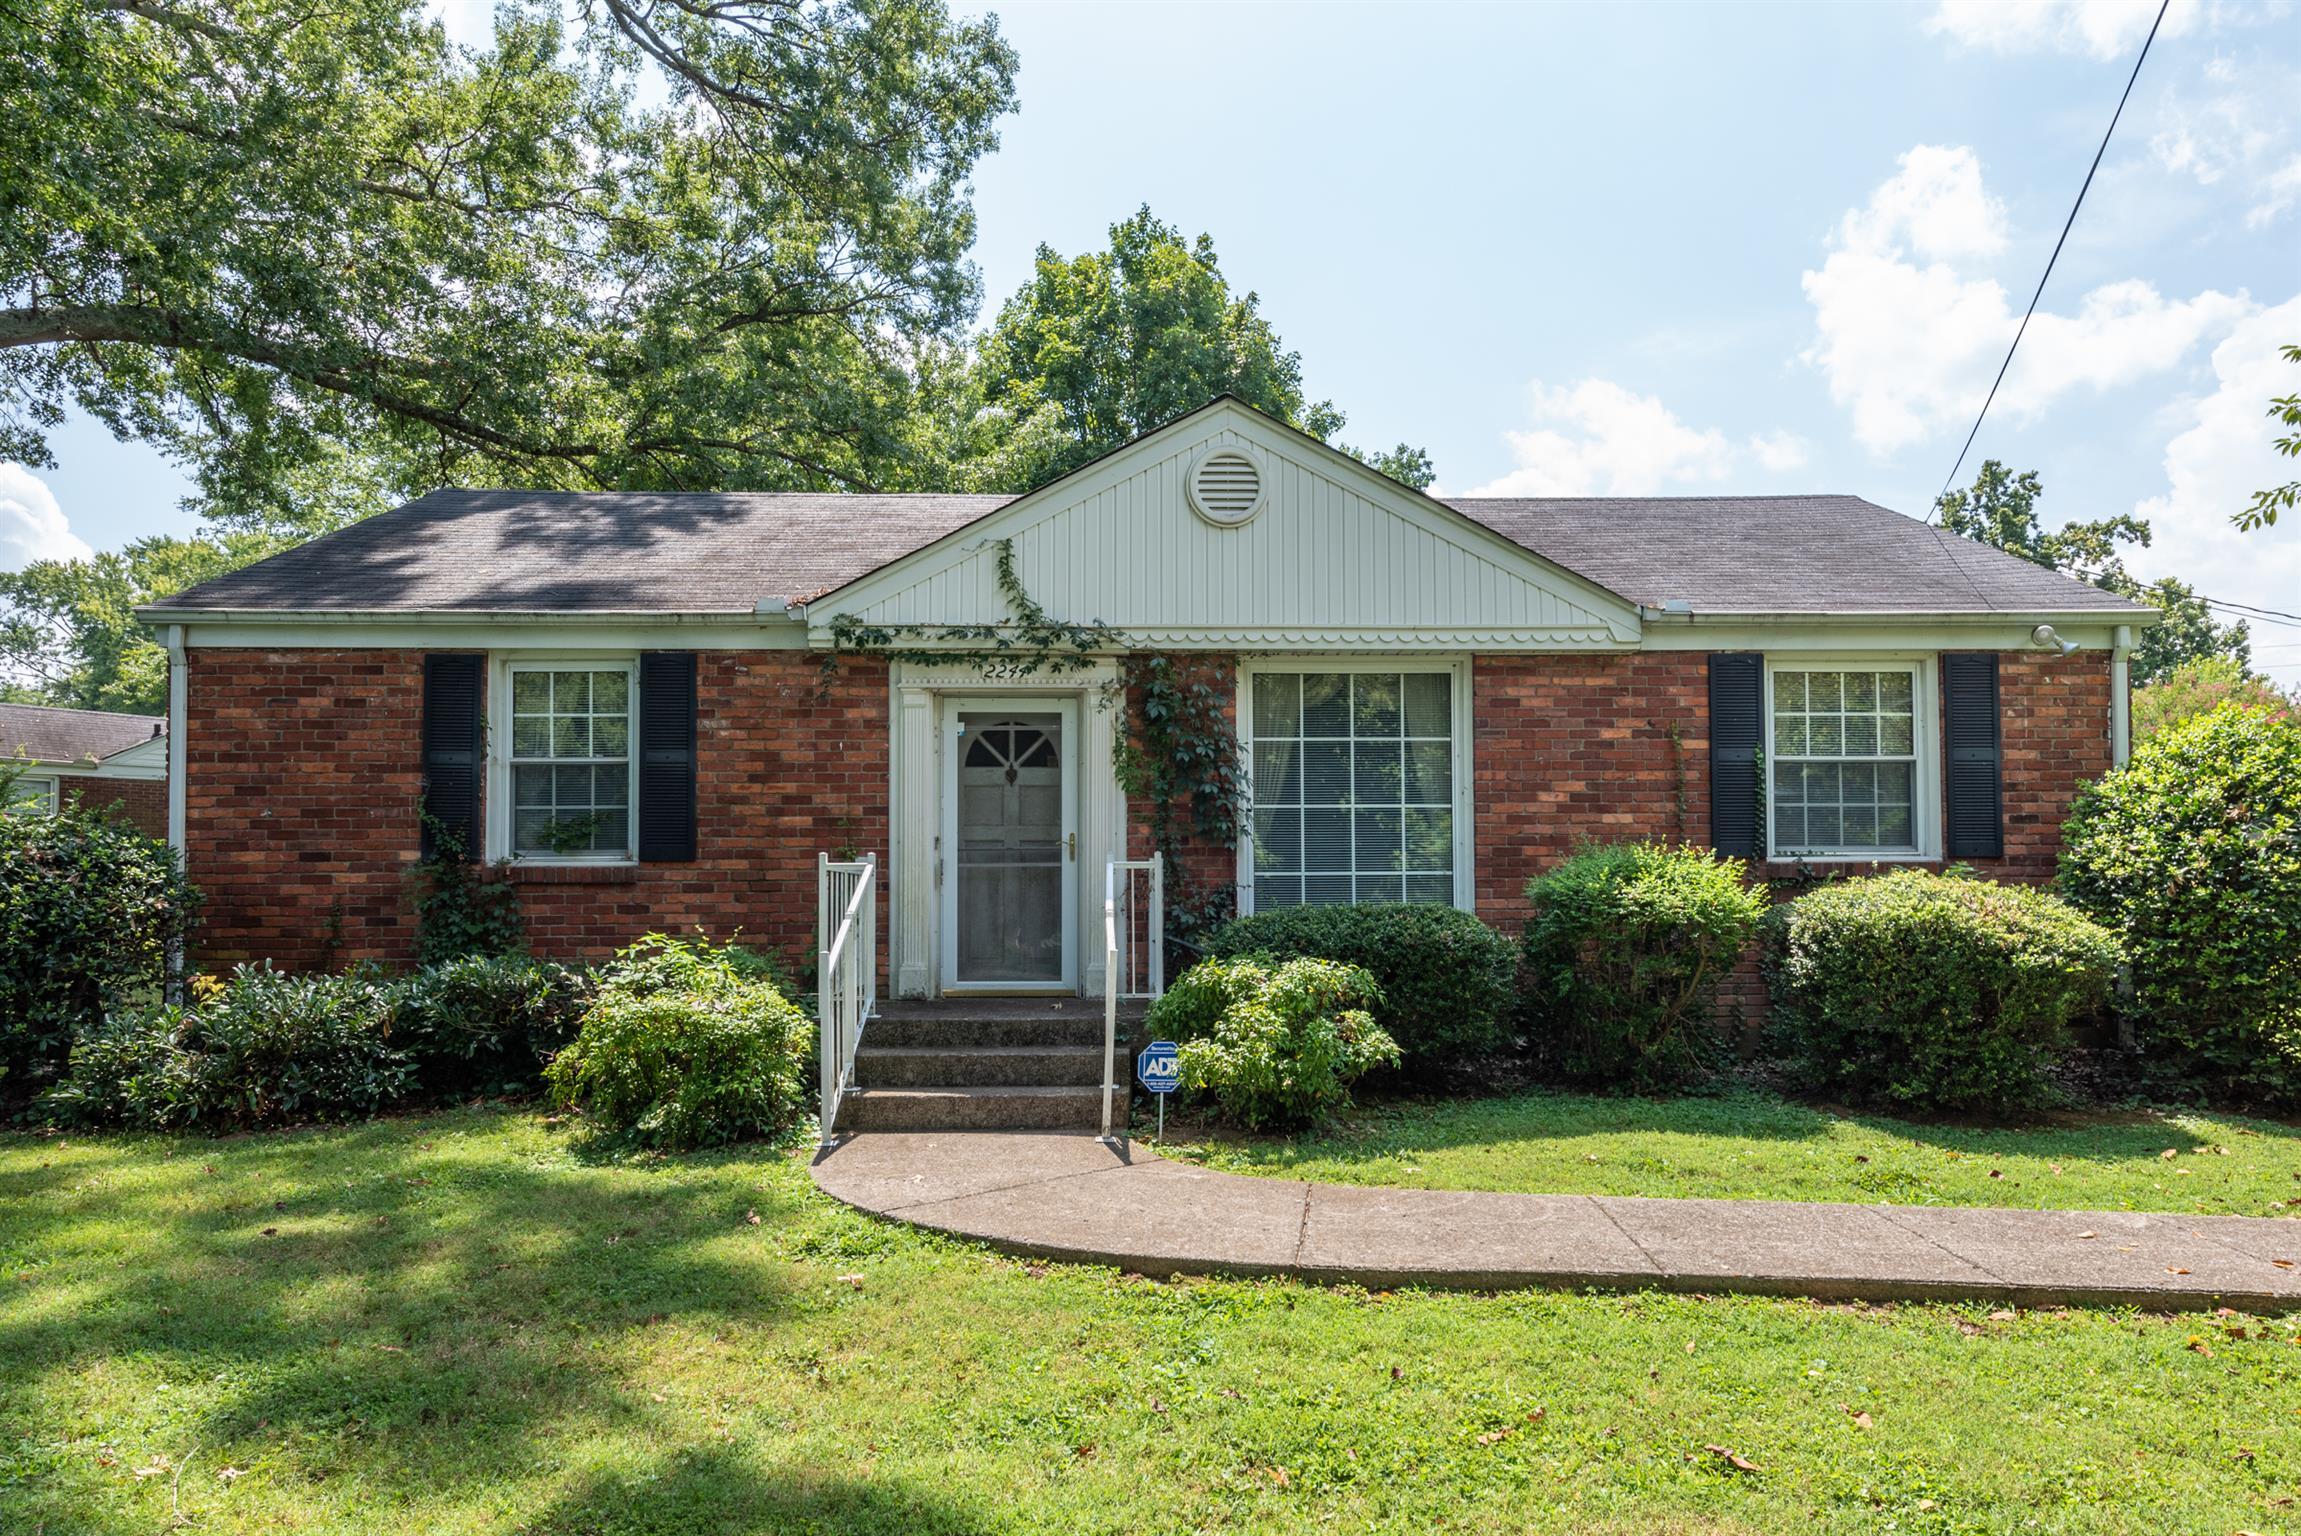 2244 Ridgecrest Dr, Nashville, TN 37216 - Nashville, TN real estate listing